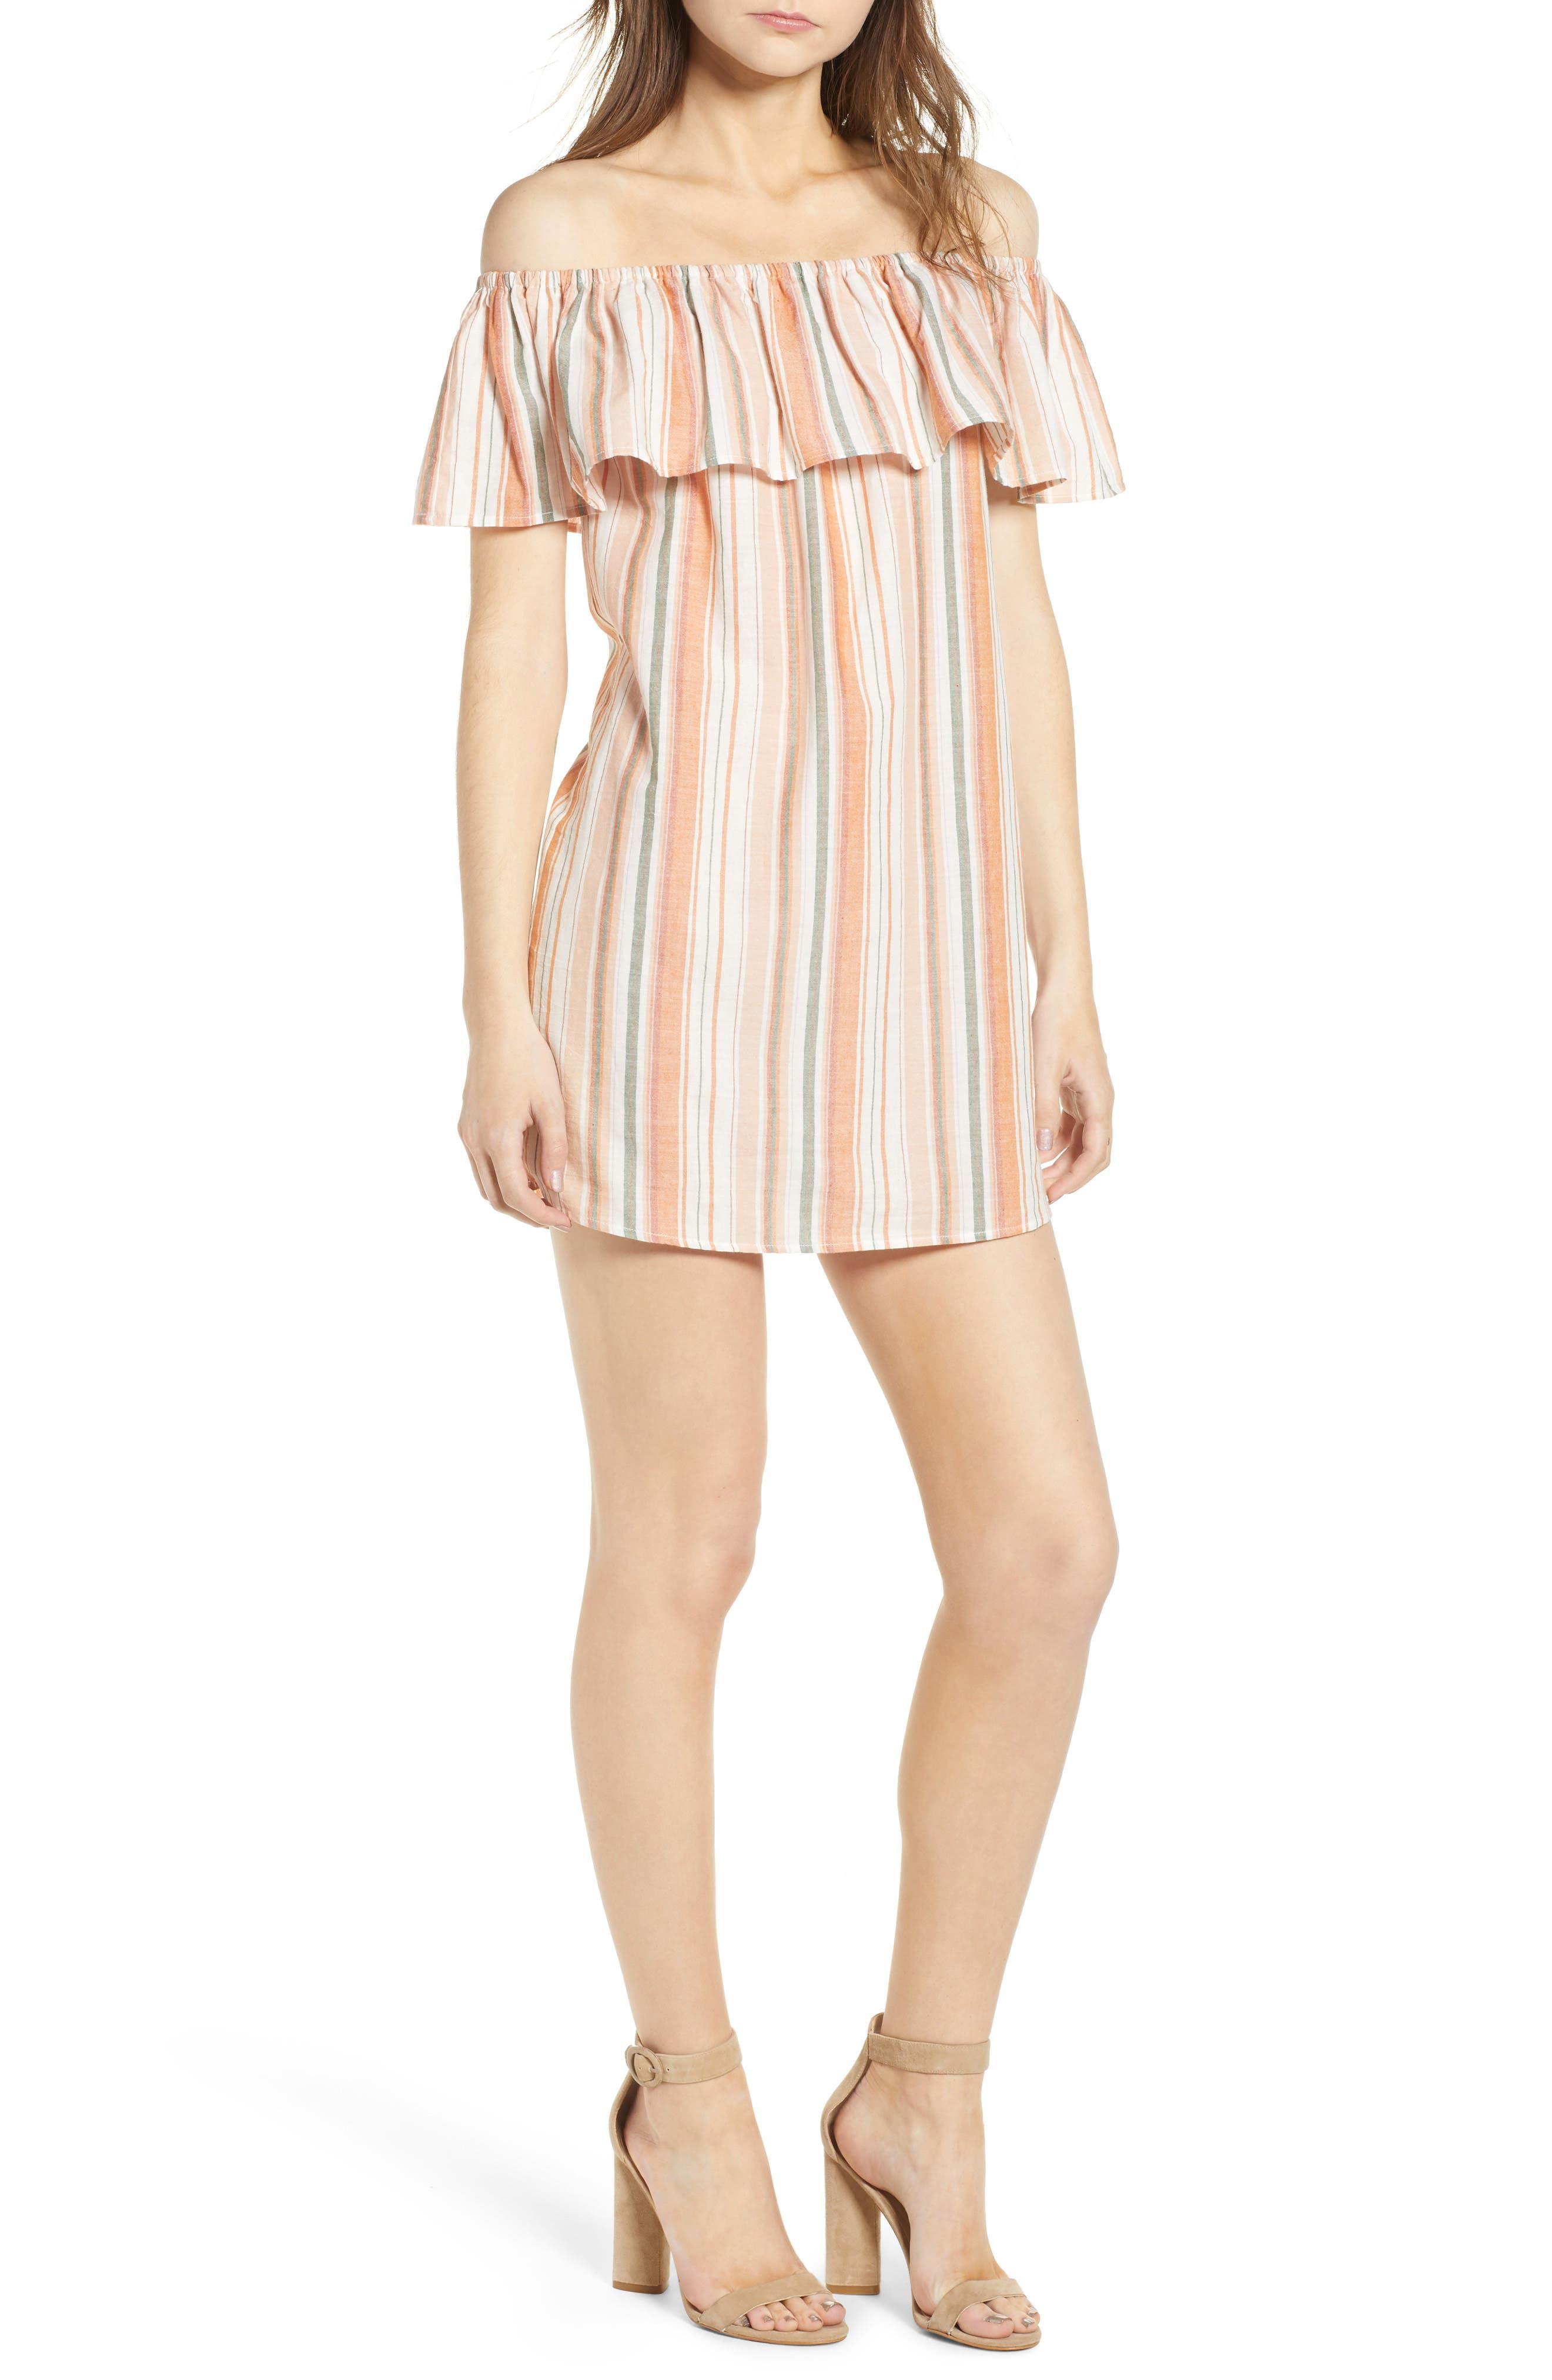 Bishop + Young Sunset Stripe Off the Shoulder Dress,                         Main,                         color, Orange White Stripe